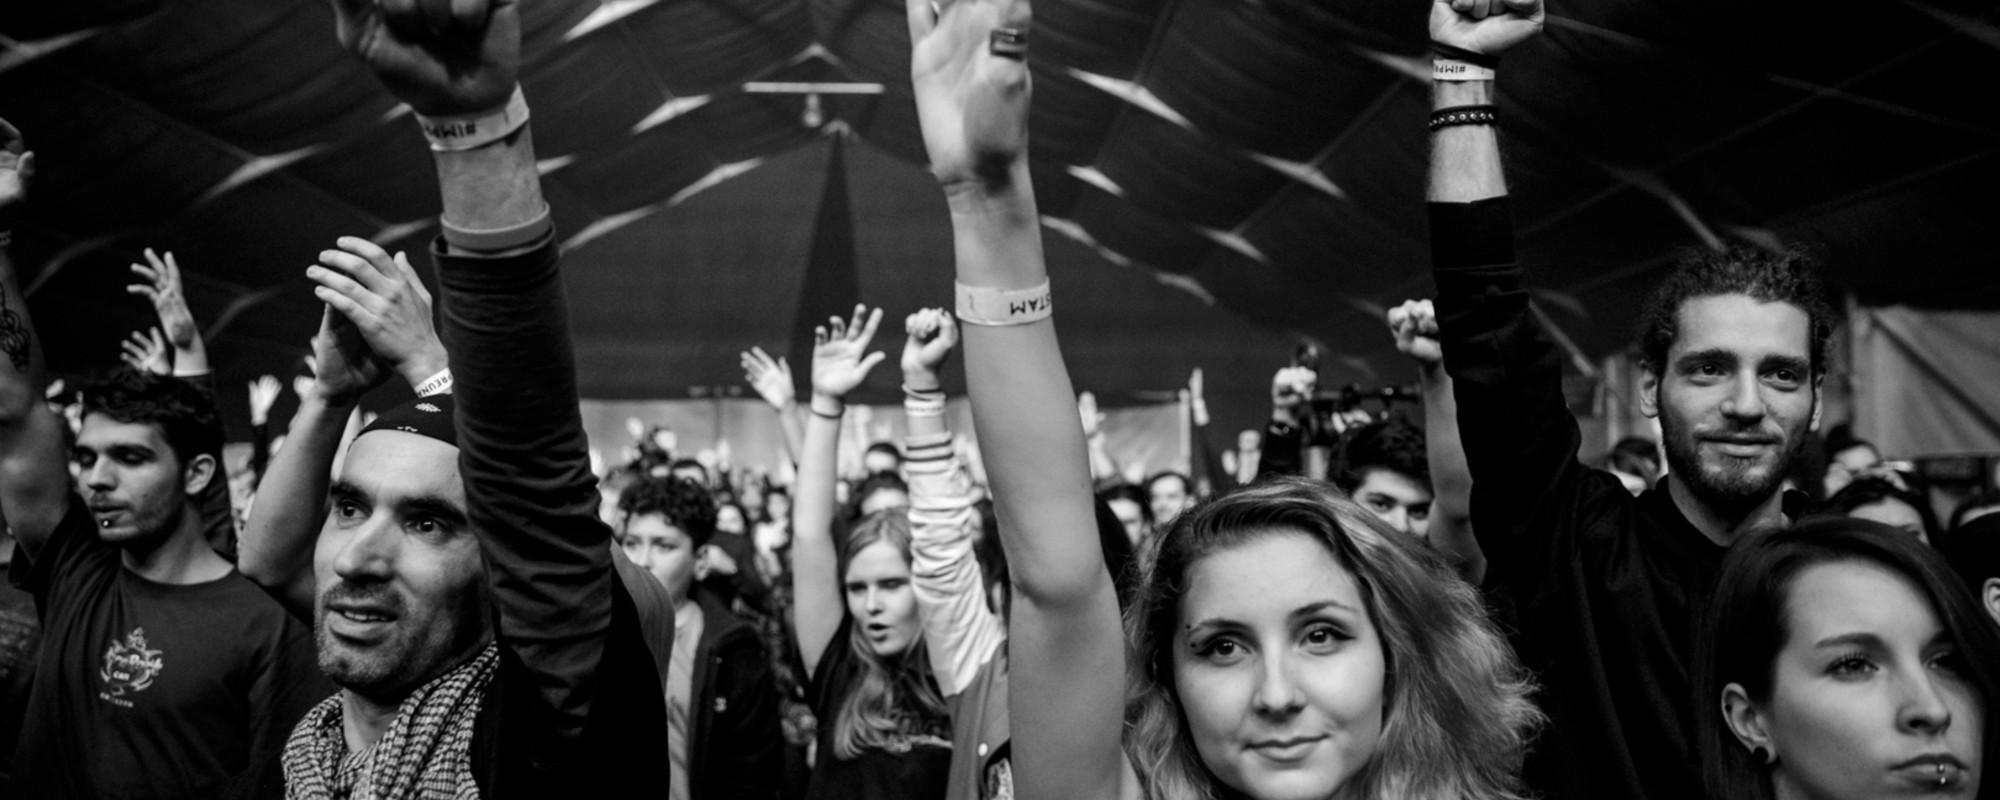 Fotografiile de la concertul pentru Colectiv îți arată cum se îmbină tristețea cu fericirea